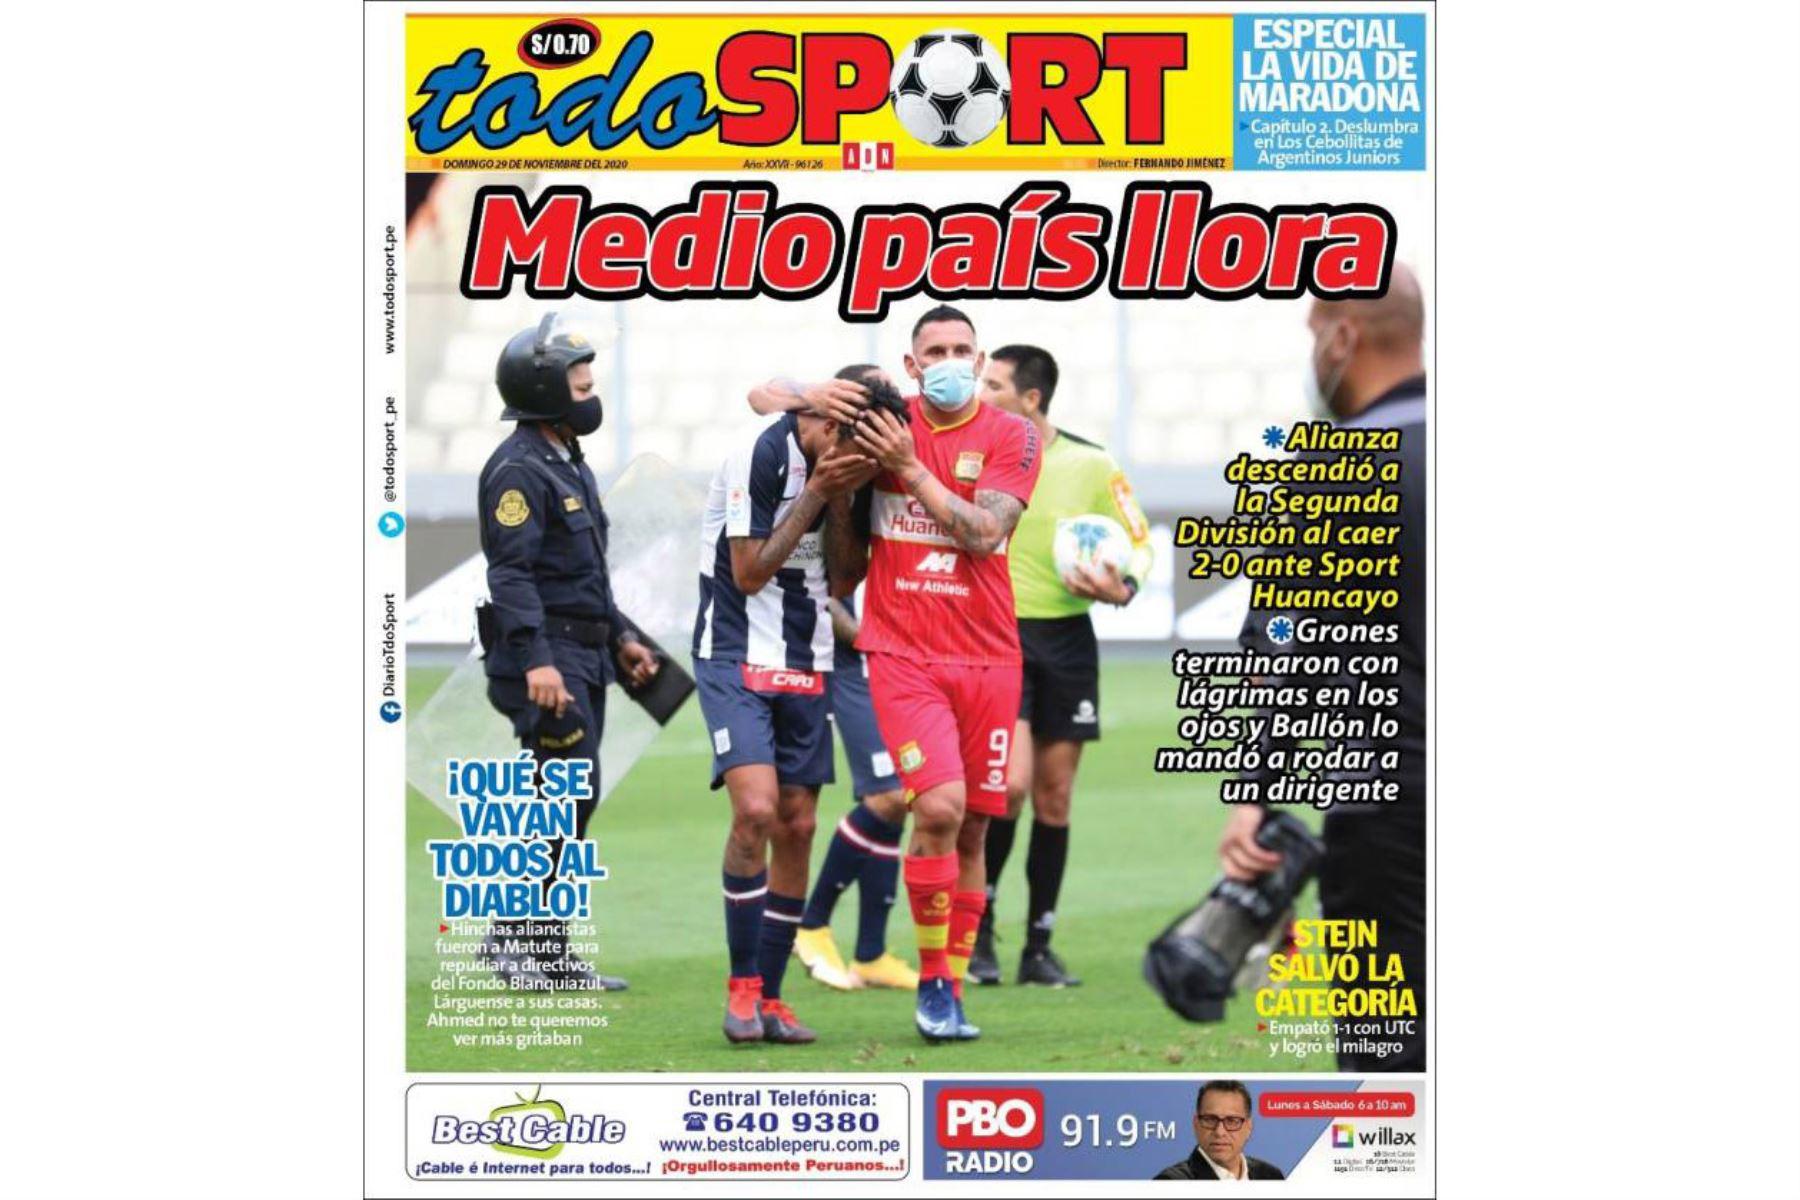 Así informaron algunos medios el descenso de Alianza Lima a la Segunda División. Todo Sport. Foto: Difusión